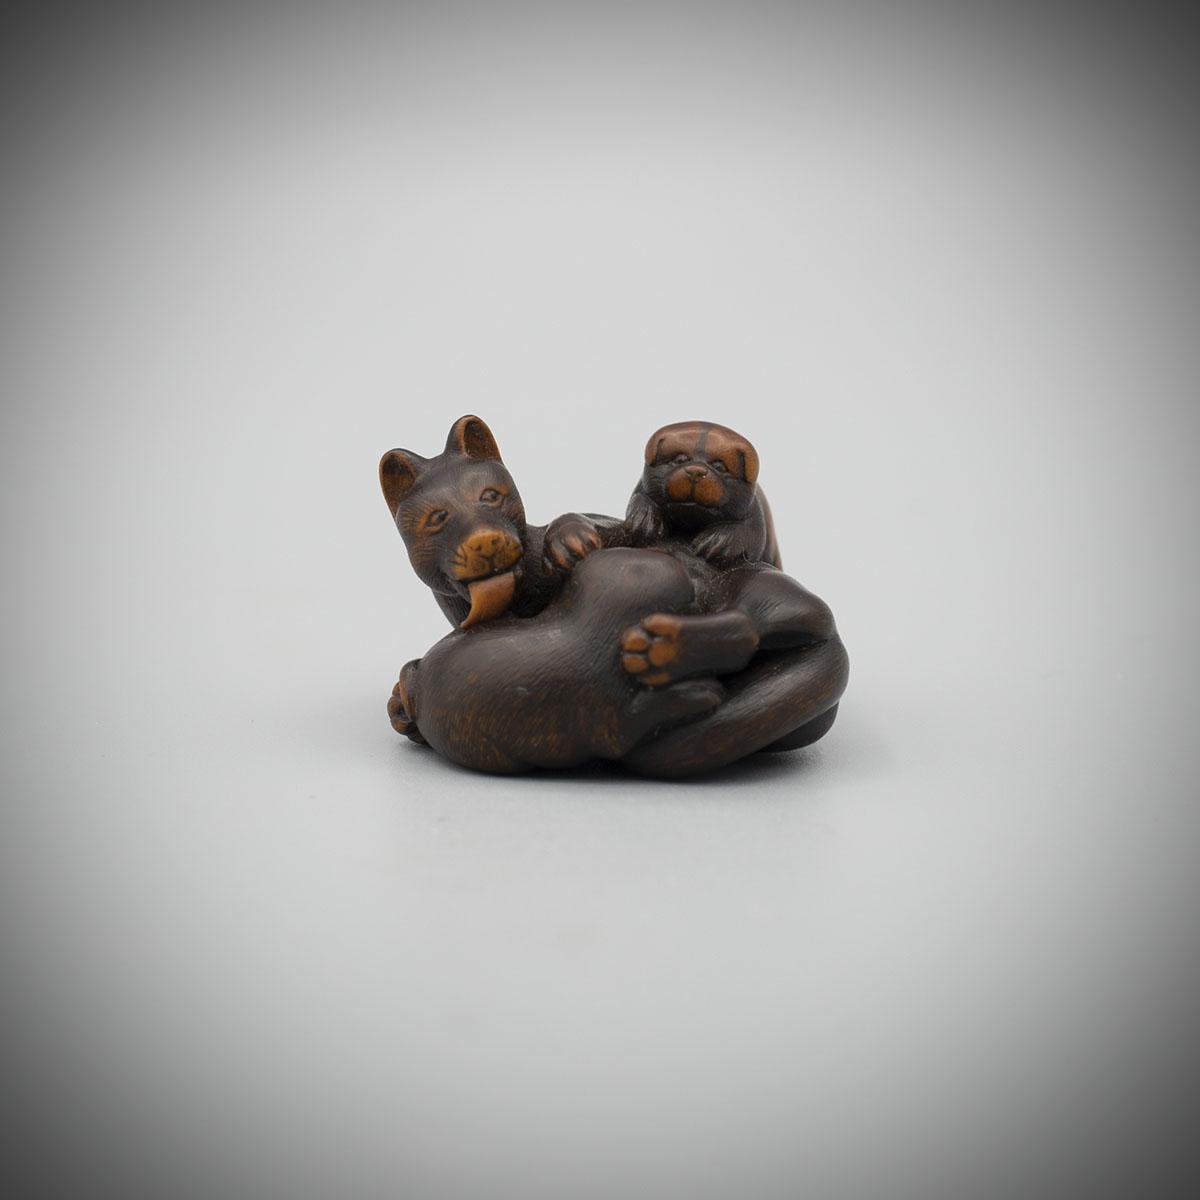 Wood Netsuke of a Bitch and Pups, Suzuki Masakatsu,MR1632_v1